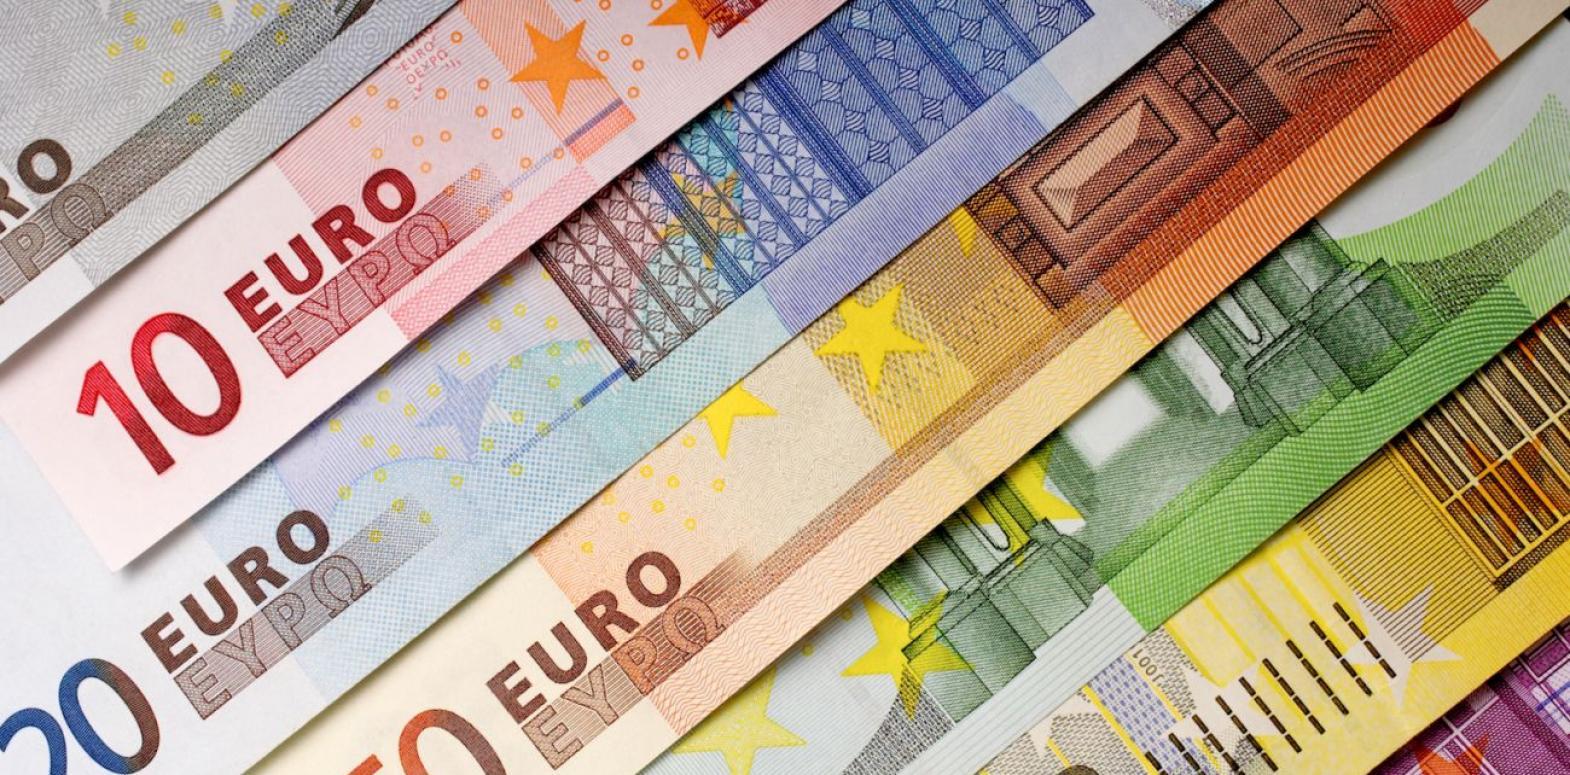 Курс евро снизился после достижения максимума с февраля 2018 года